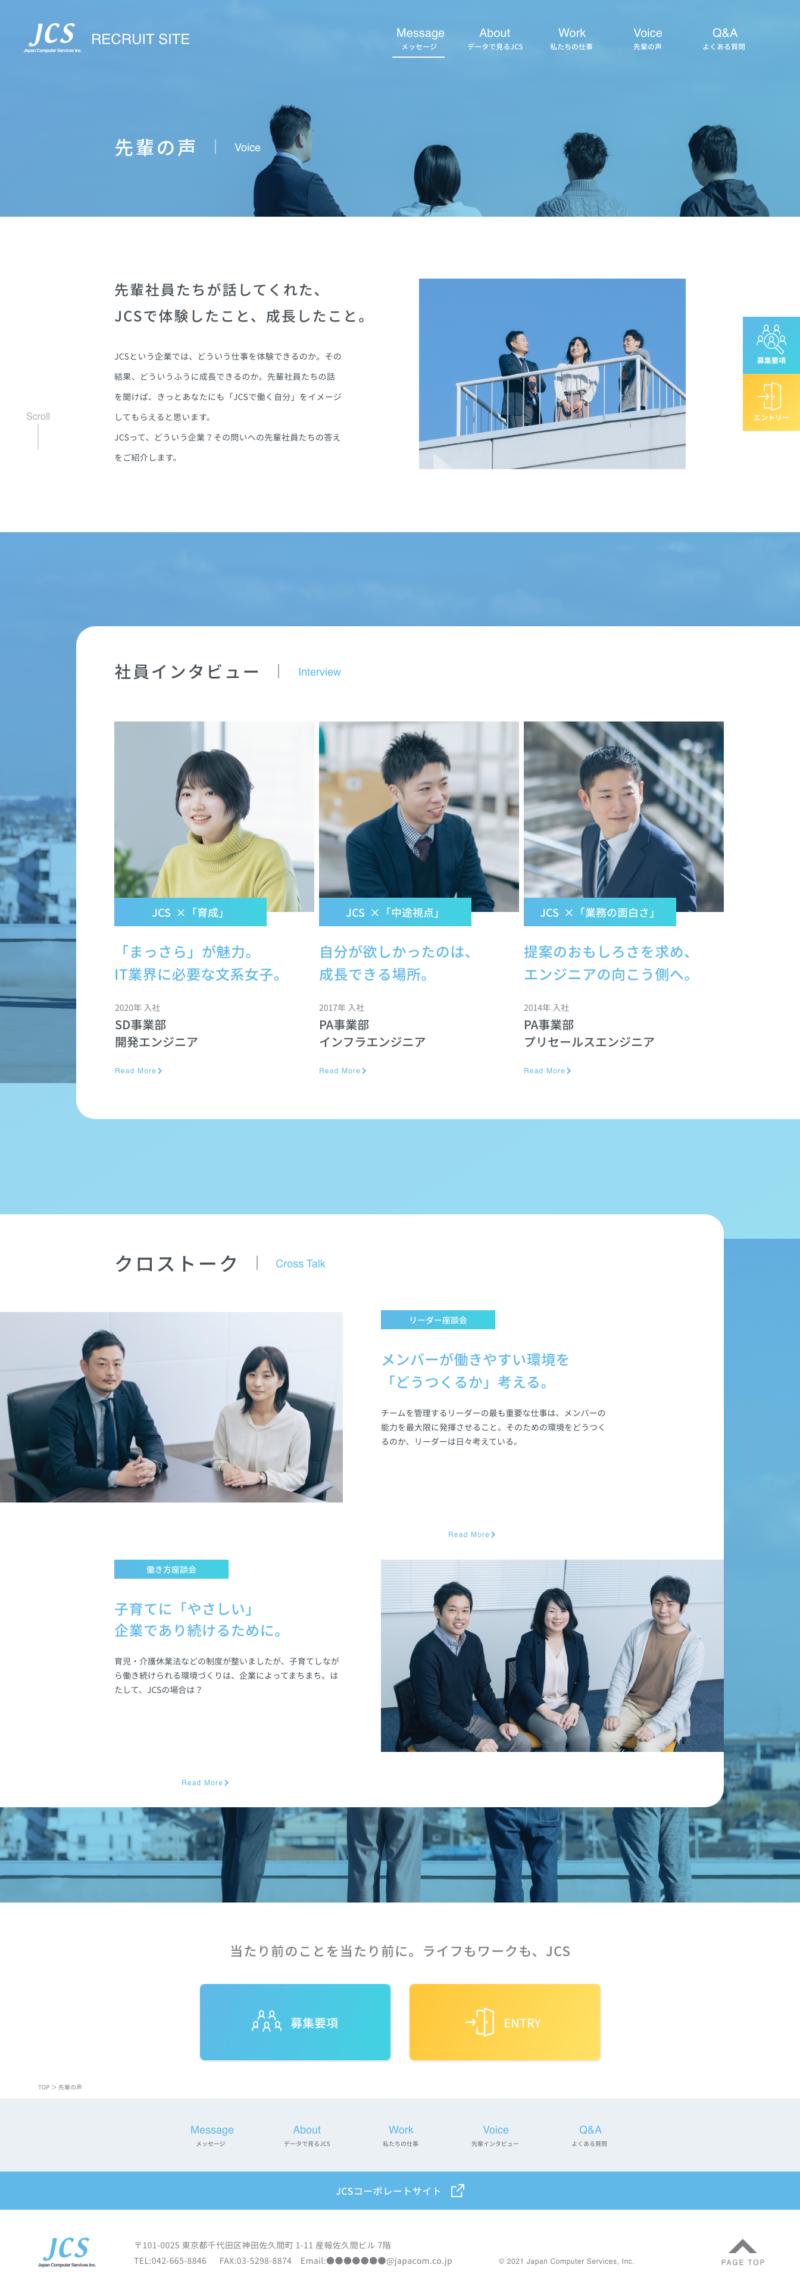 株式会社ジャパンコンピューターサービス様 採用サイト「社員インタビュー」ページ